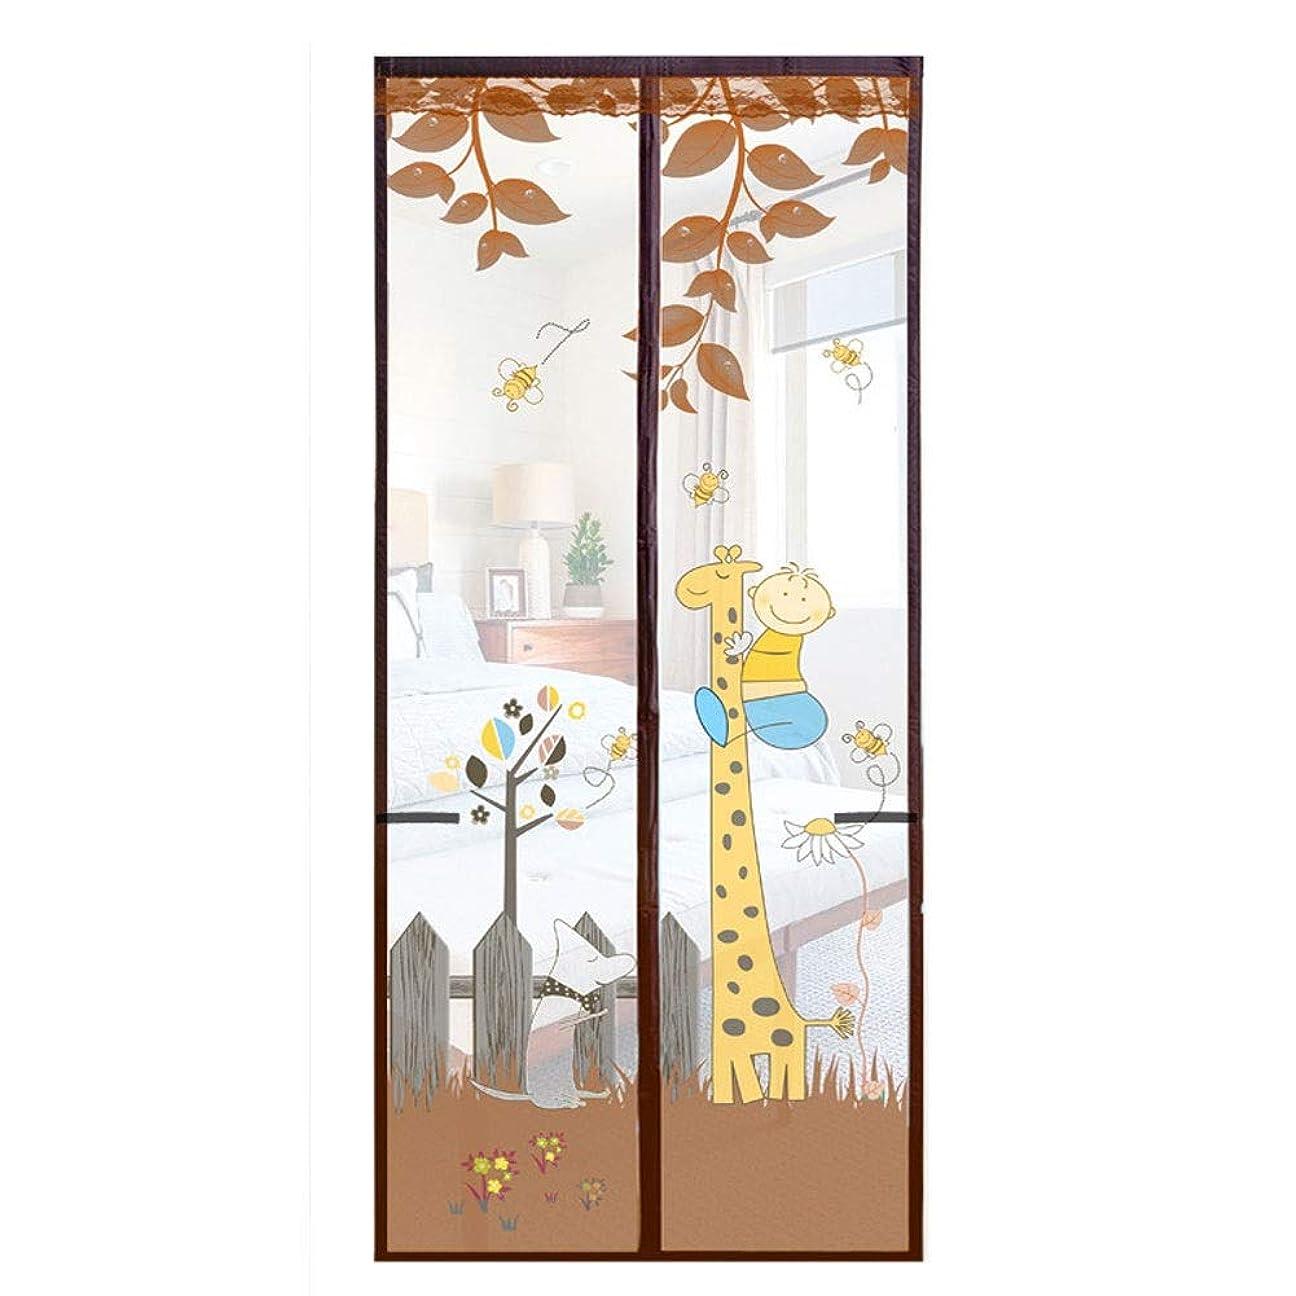 してはいけません平日雪だるまを作るフライスクリーンドア 磁気防虫スクリーンドア強化ガラス繊維蚊帳スクリーンマジックメッシュカーテンフルフレームシール簡単なインストールギャップなし JFIEHG (色 : G, サイズ : 90x200)